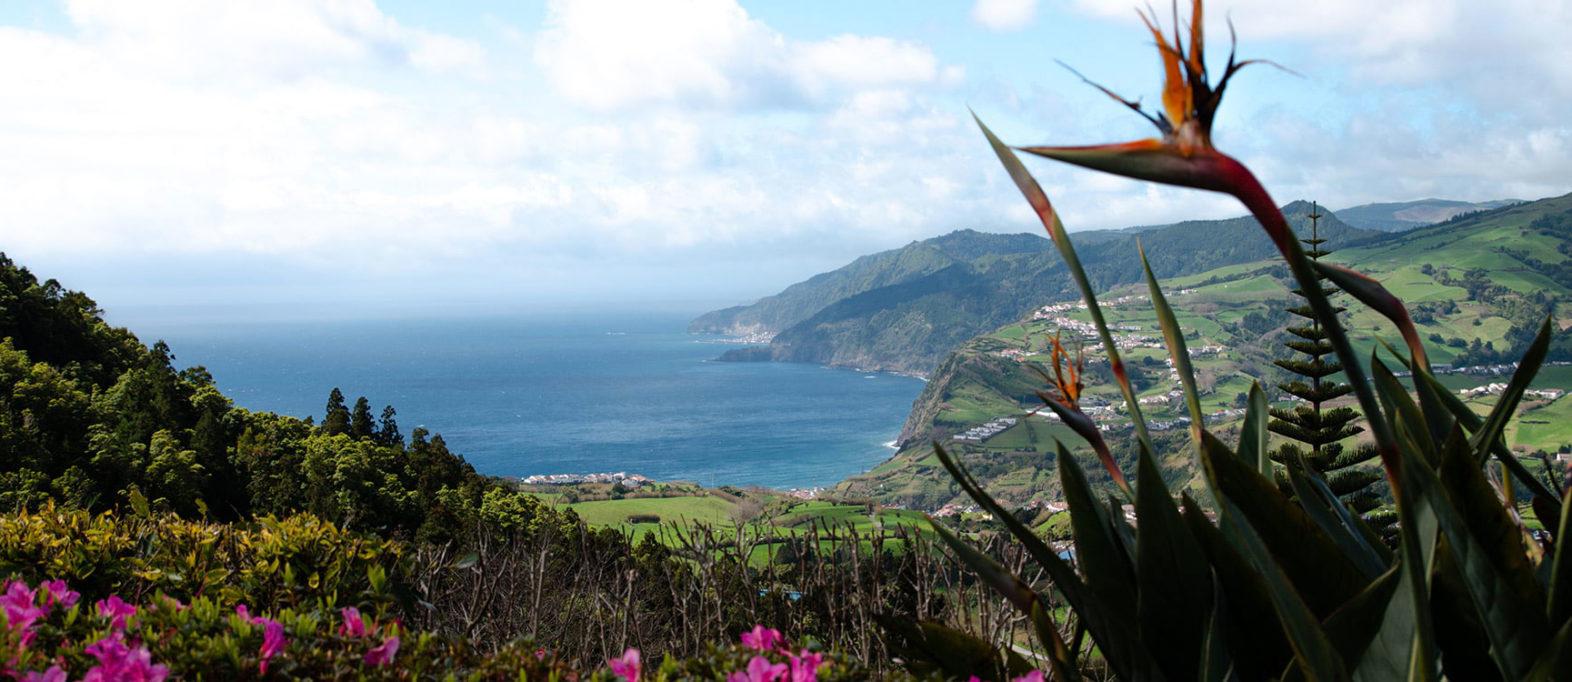 Azoreninsel São Miguel: Sehenswürdigkeiten und Aktivitäten, die du nicht verpassen solltest